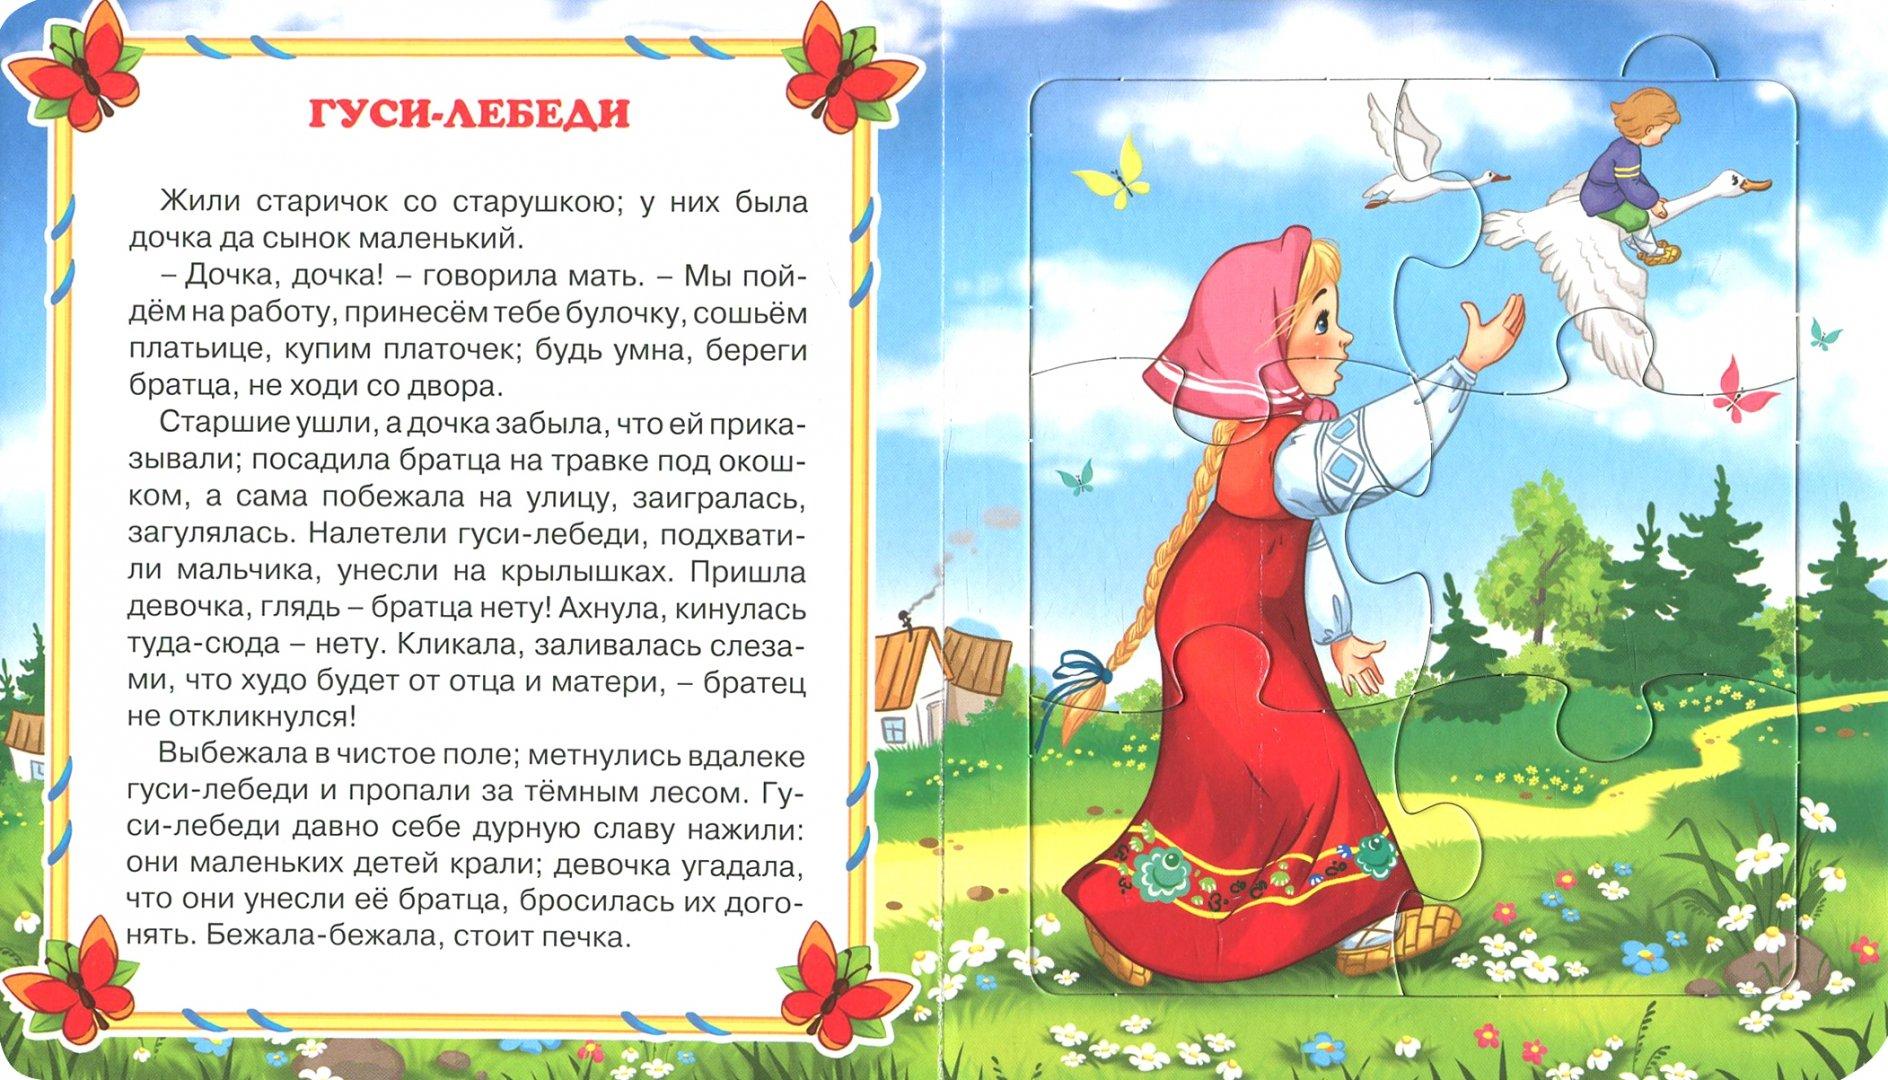 Иллюстрация 1 из 25 для Гуси-лебеди. Три медведя - Лев Толстой | Лабиринт - книги. Источник: Лабиринт